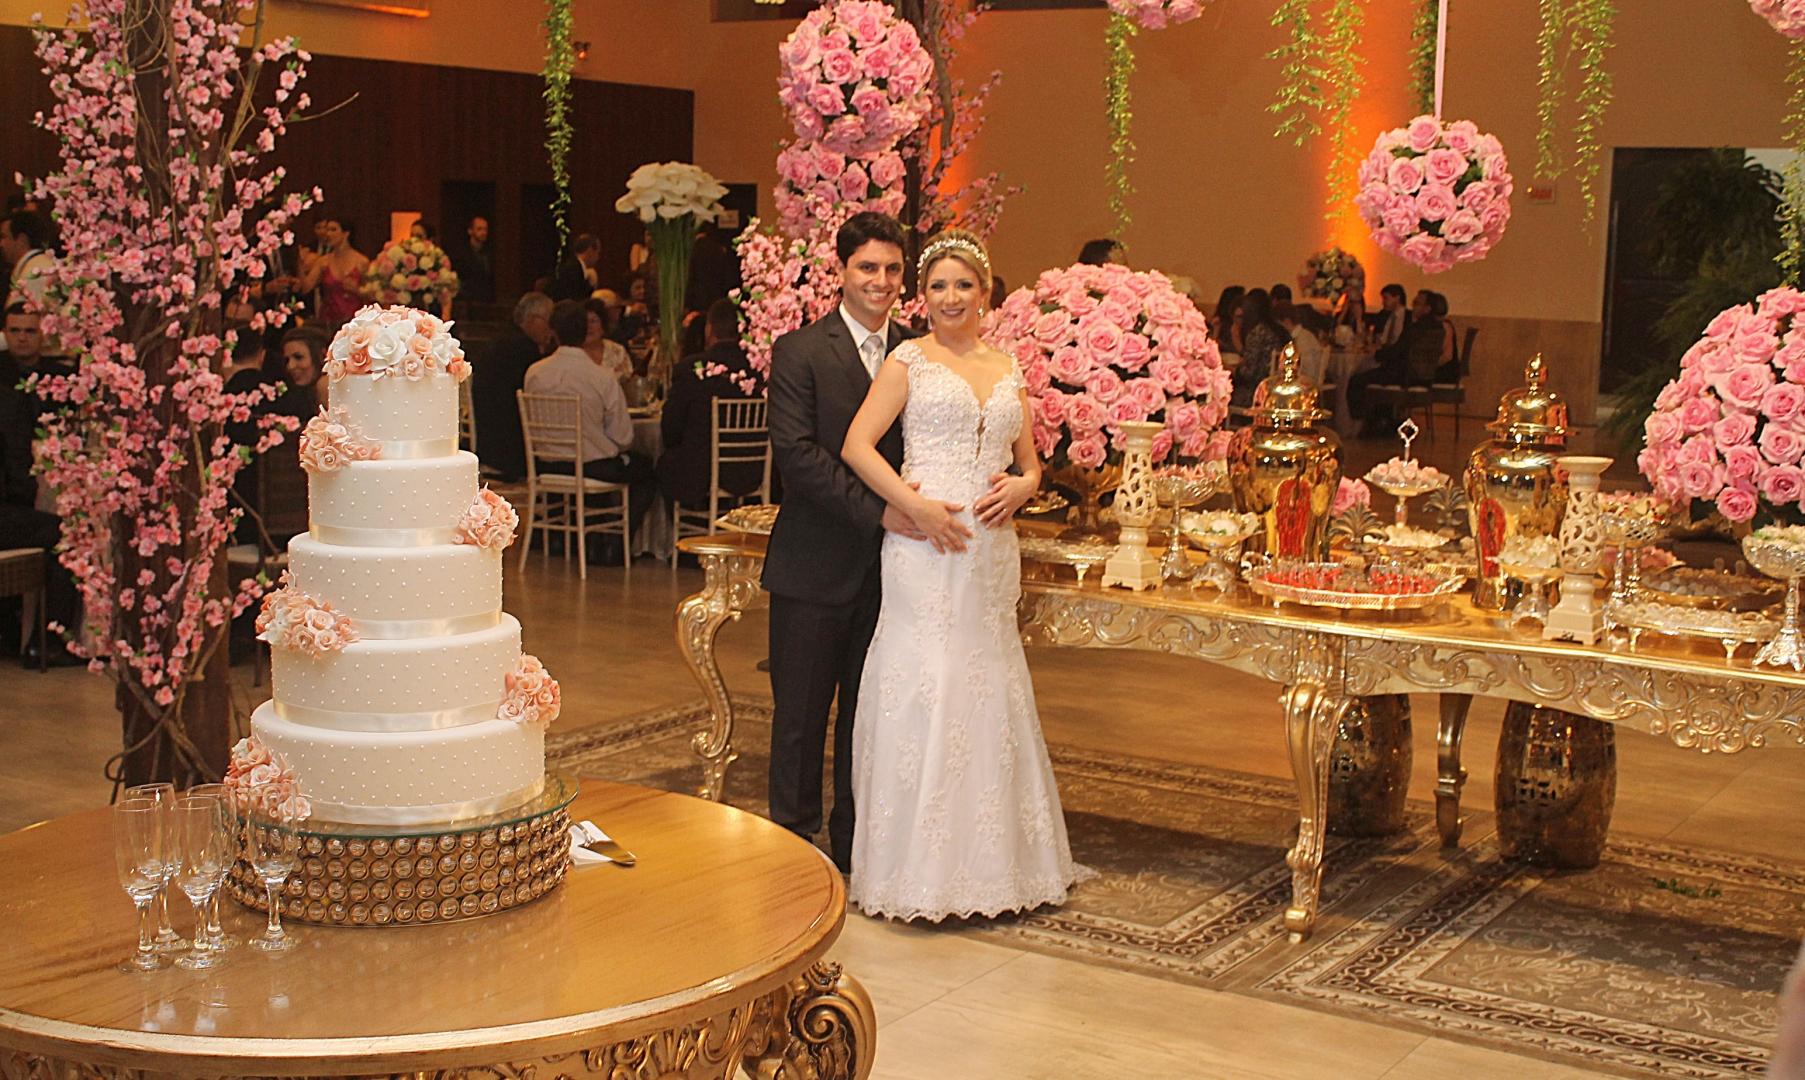 Sintonia e emoção marcam a cerimônia de casamento em Criciúma (Cerimônia)